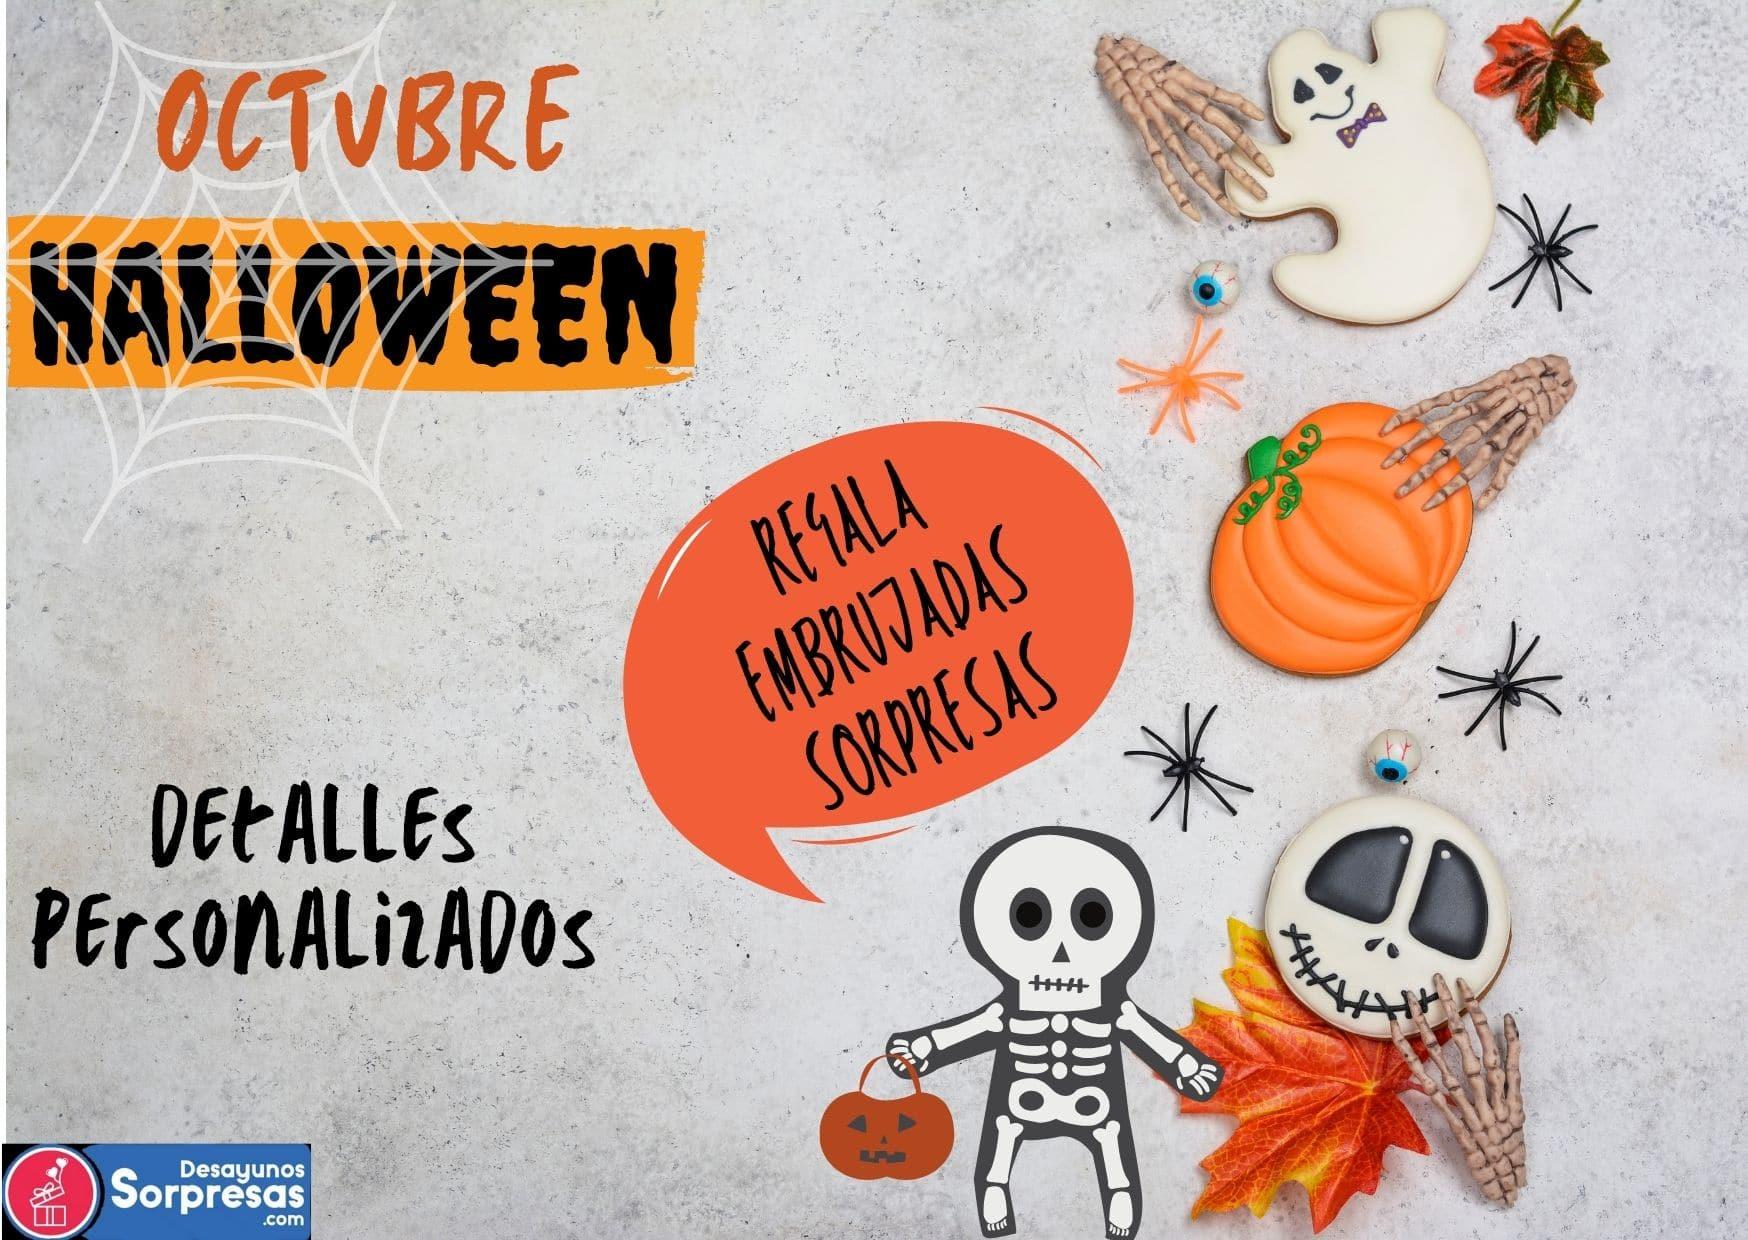 halloween post 2 pagina inicio central desayunossorpresas.com carrusel